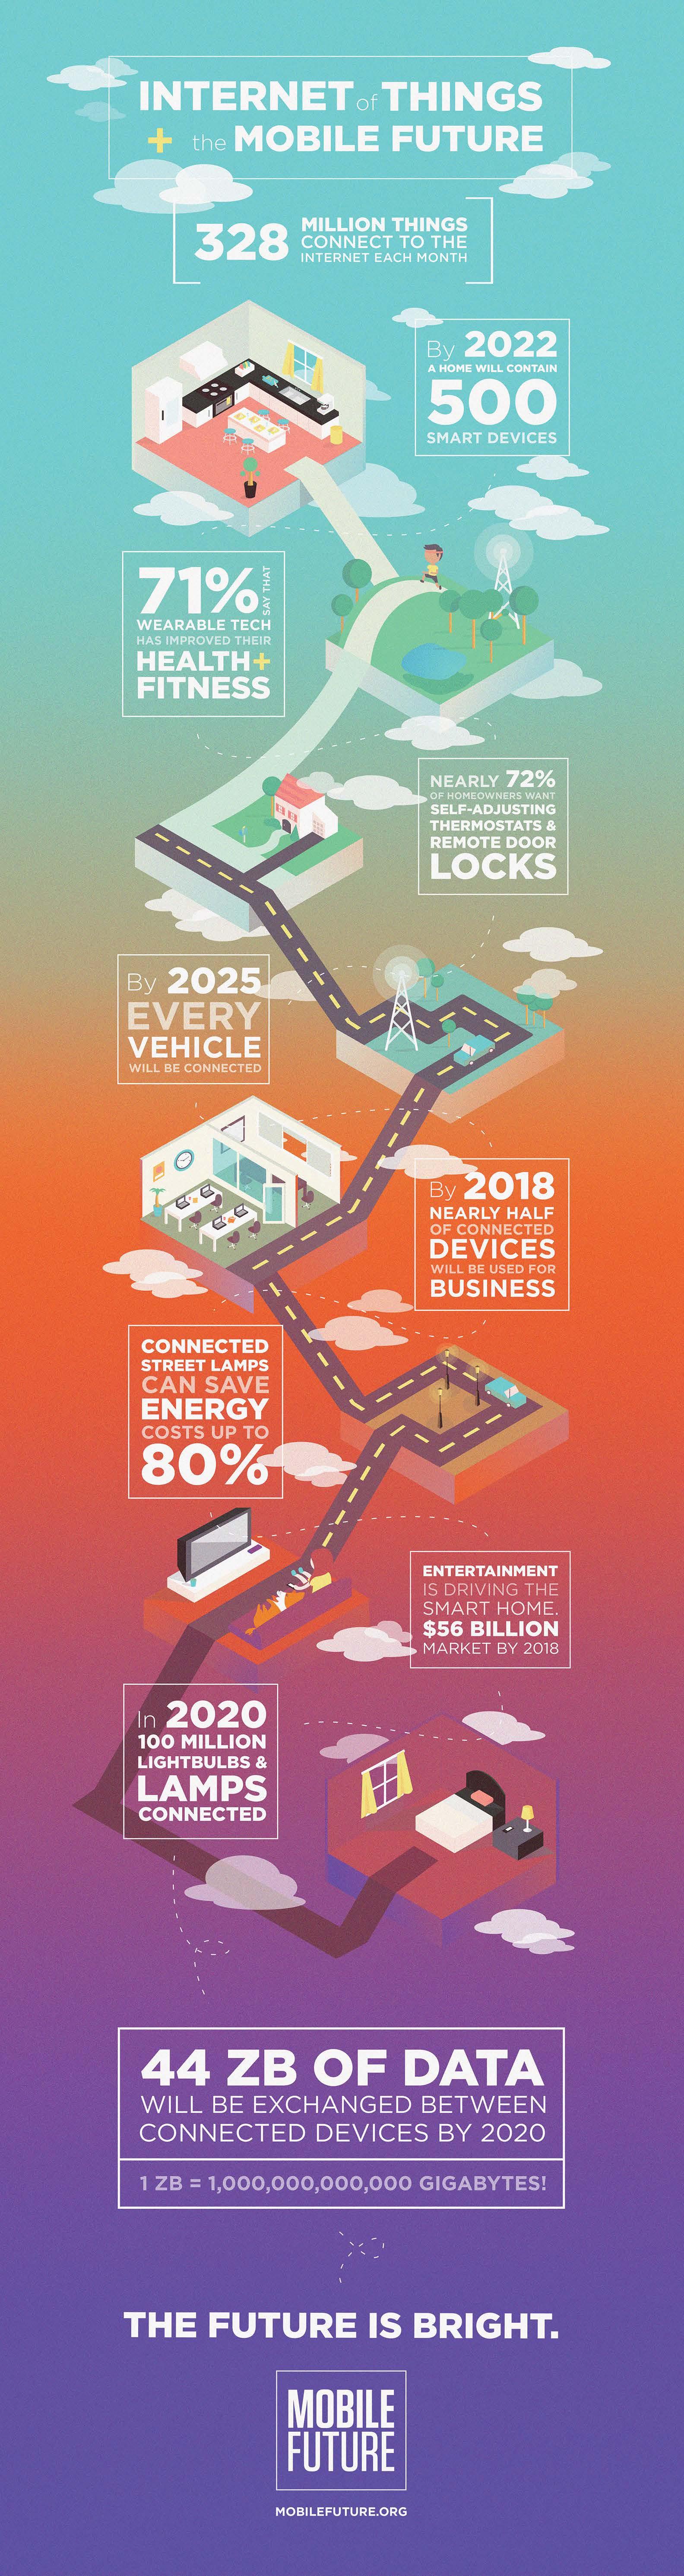 mobile-future-infographic